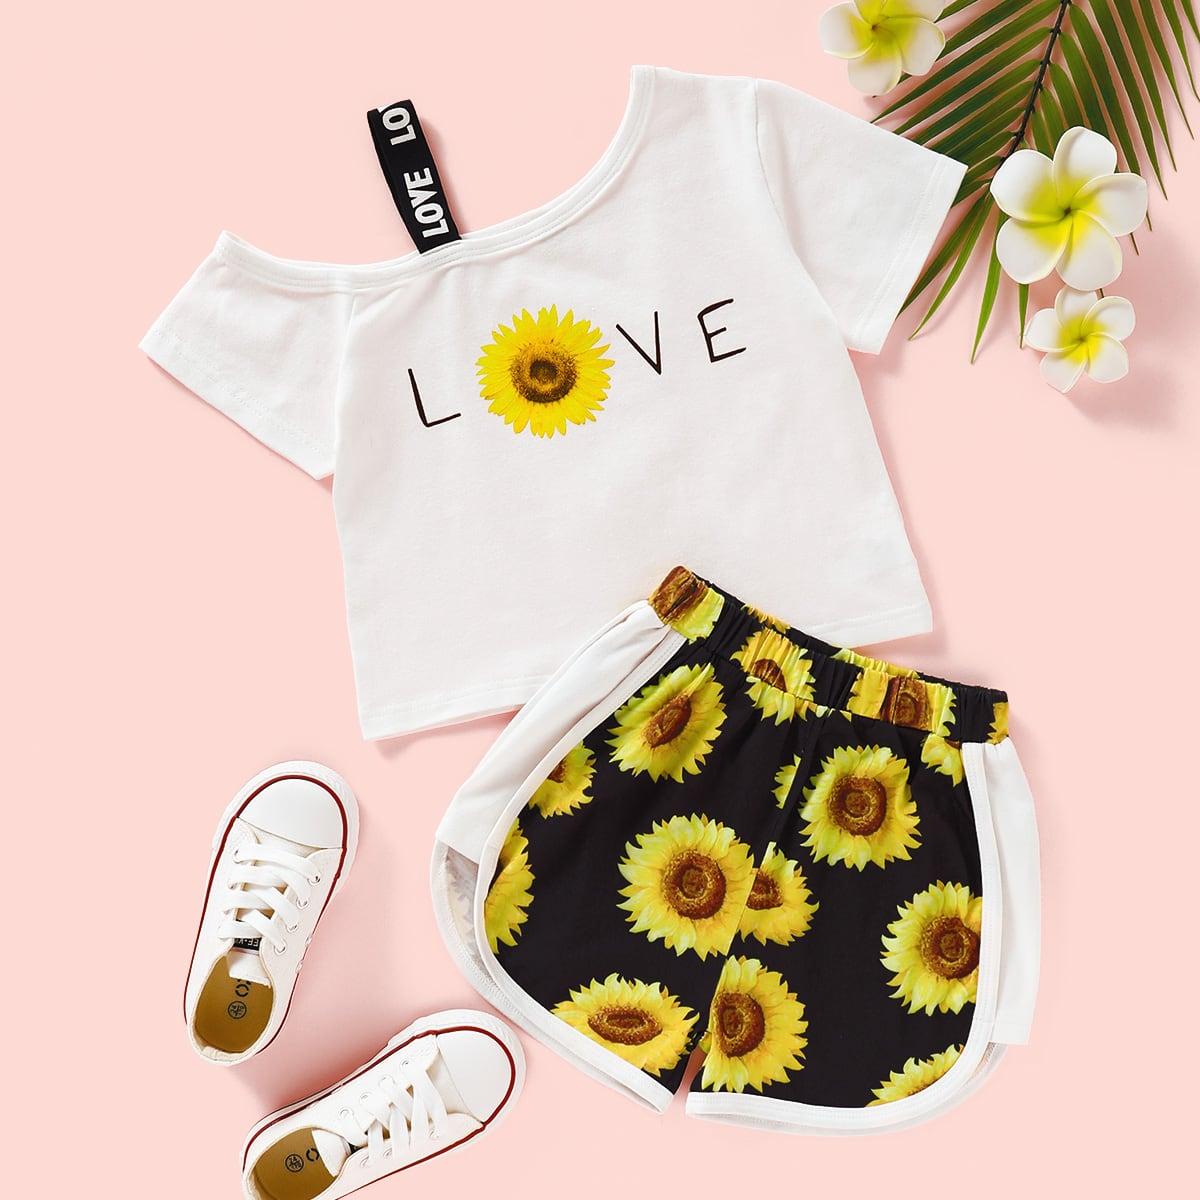 Шорты и футболка с асимметричным вырезом, принтом подсолнуха для девочек фото